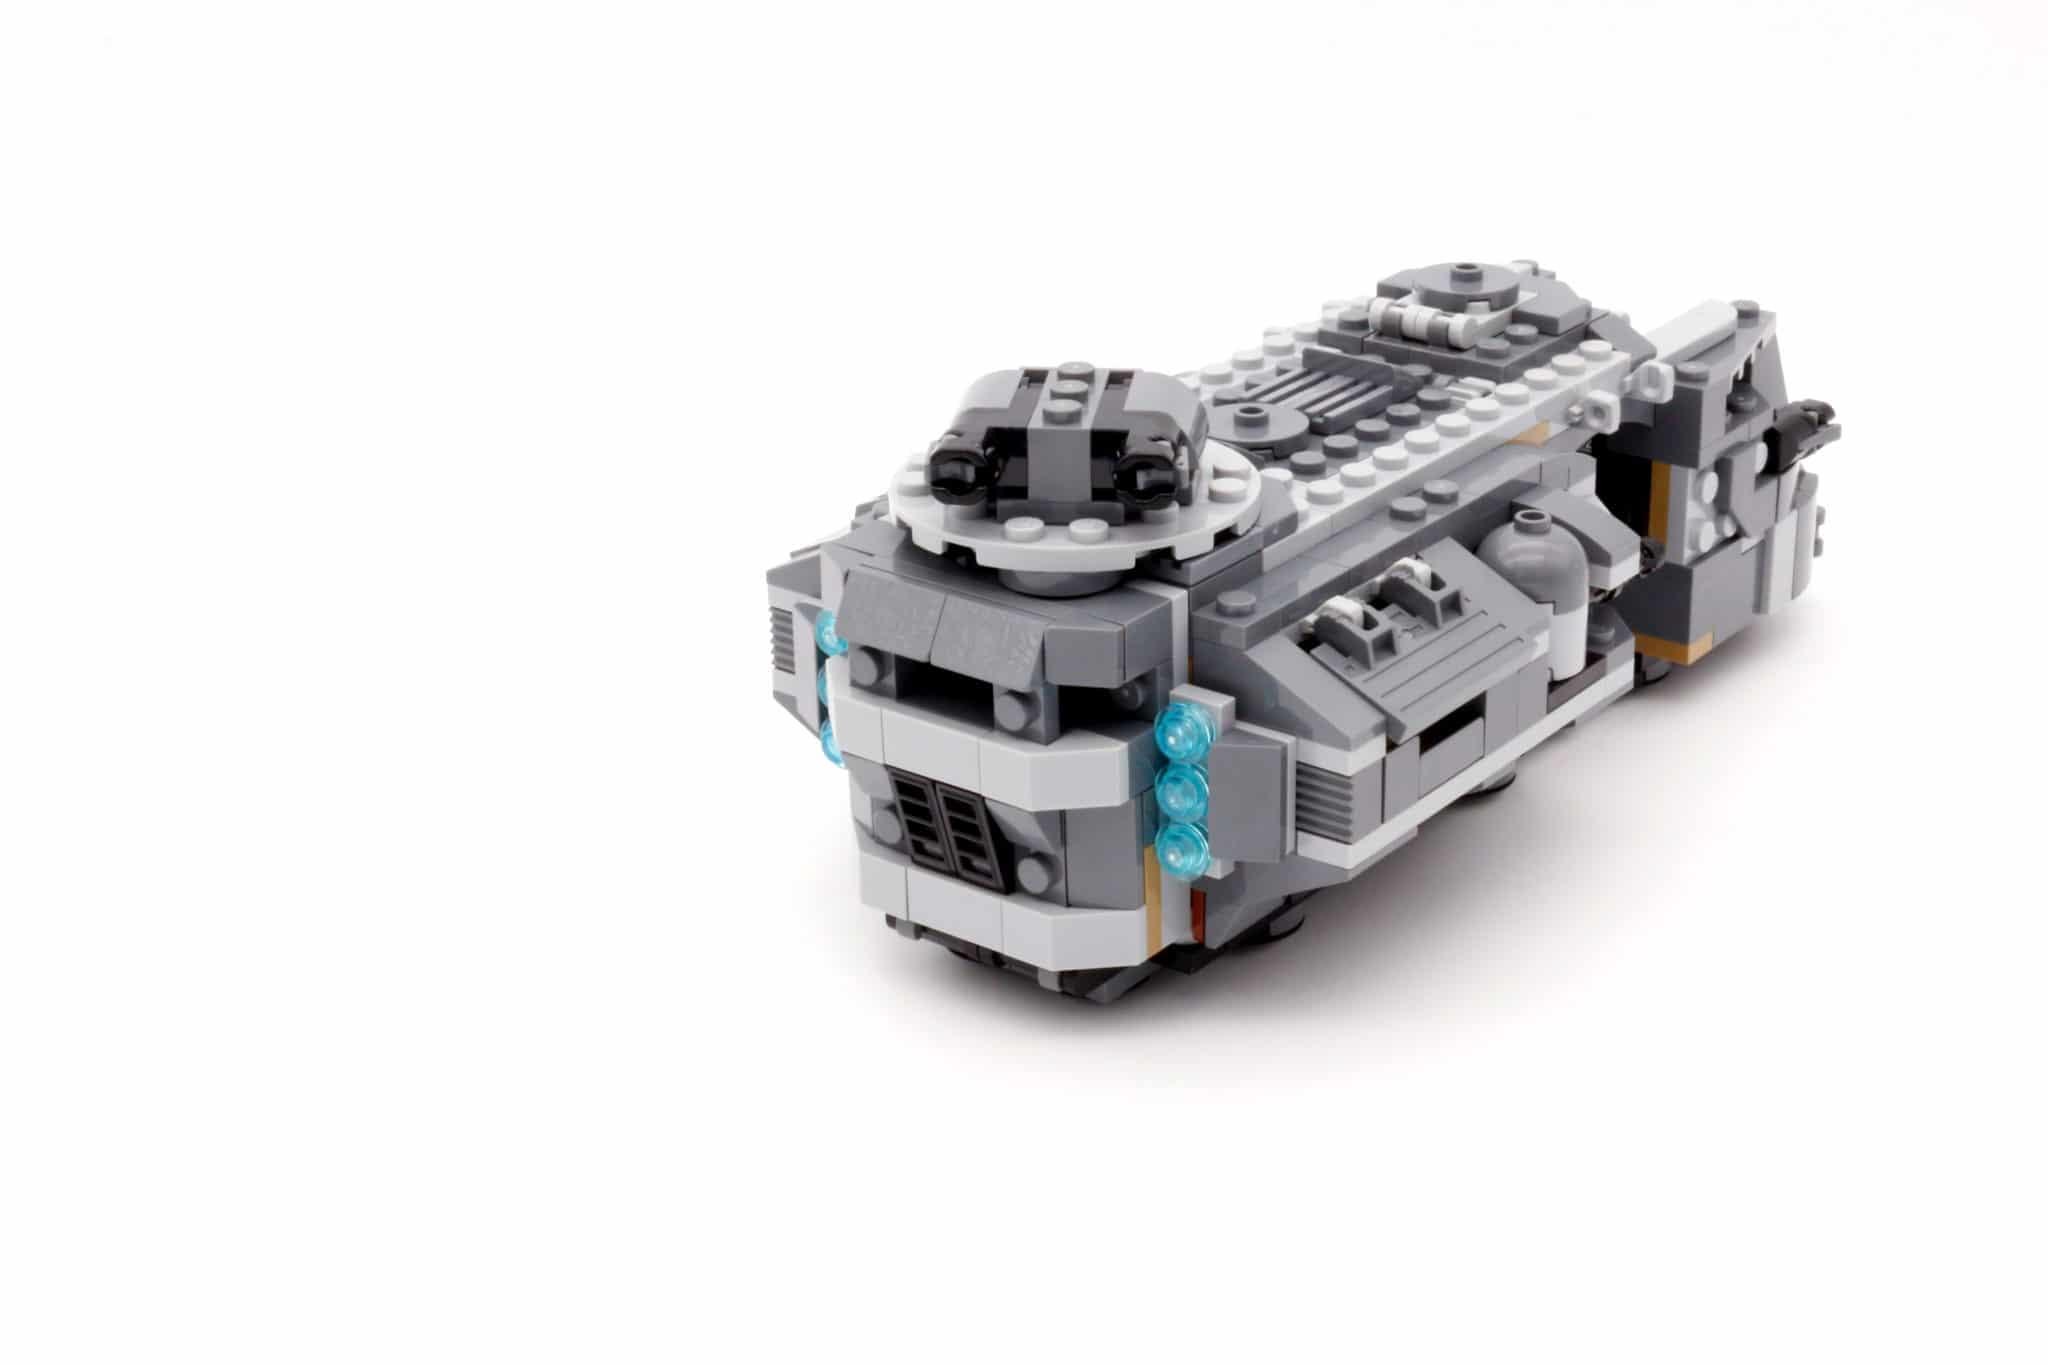 LEGO Star Wars 75311 Imperial Marauder 21